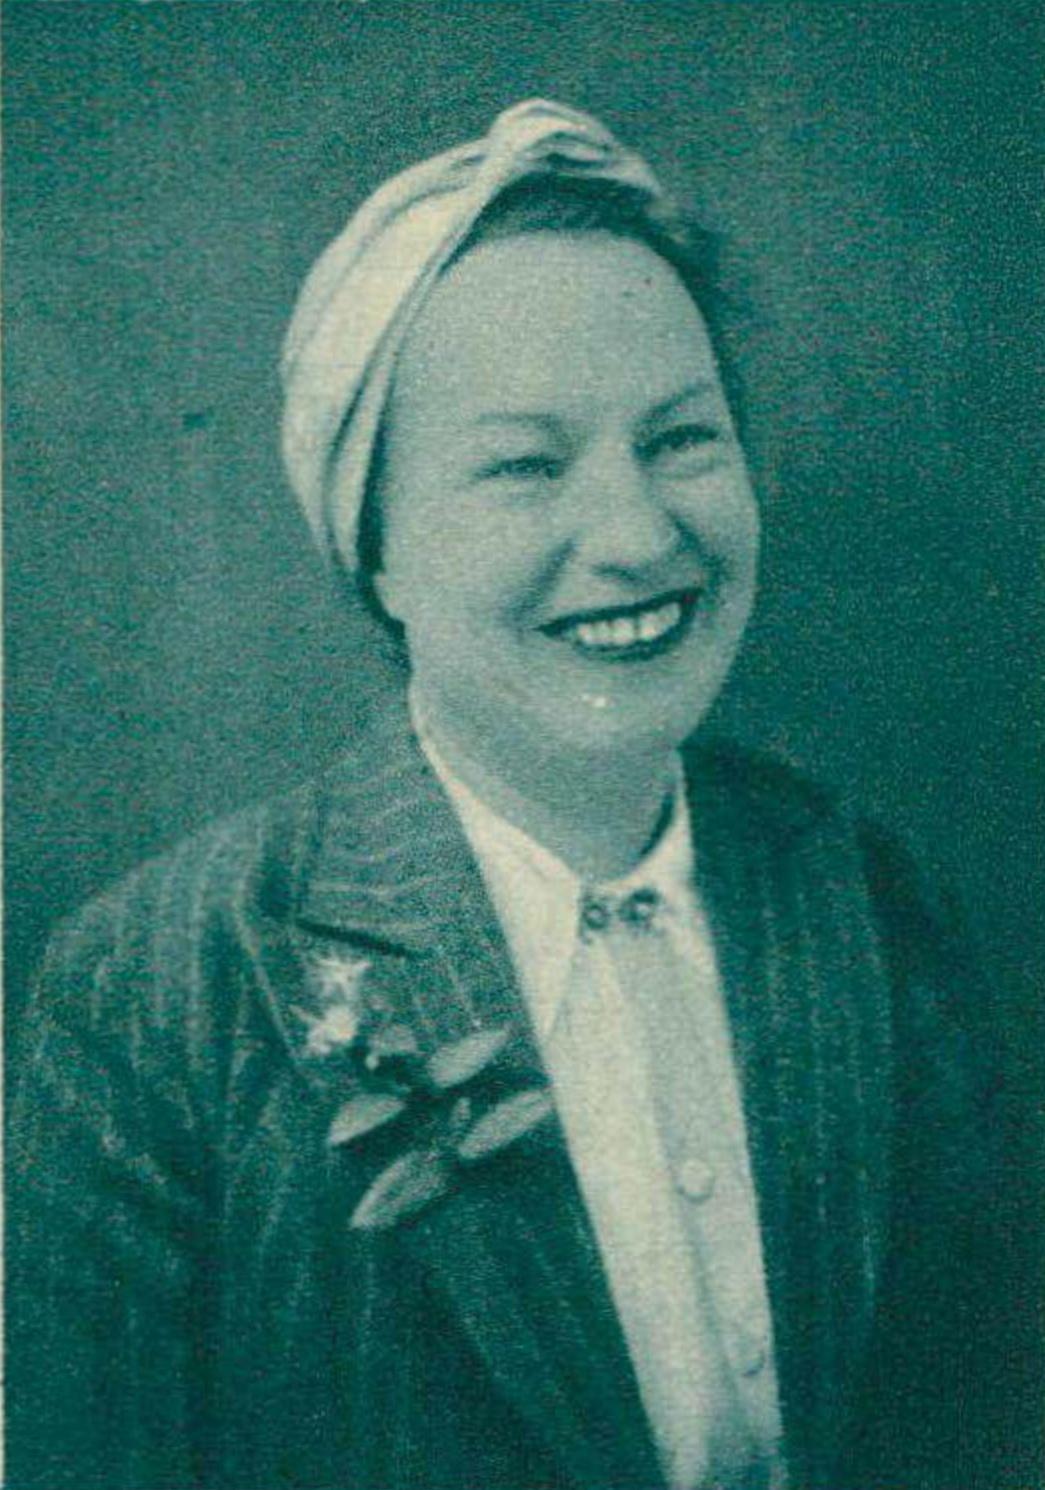 Isabelle NEF, un portrait publié dans la revue Le Radio du 17 octobre 1941 en page 1325, cliquer pour une vue agrandie